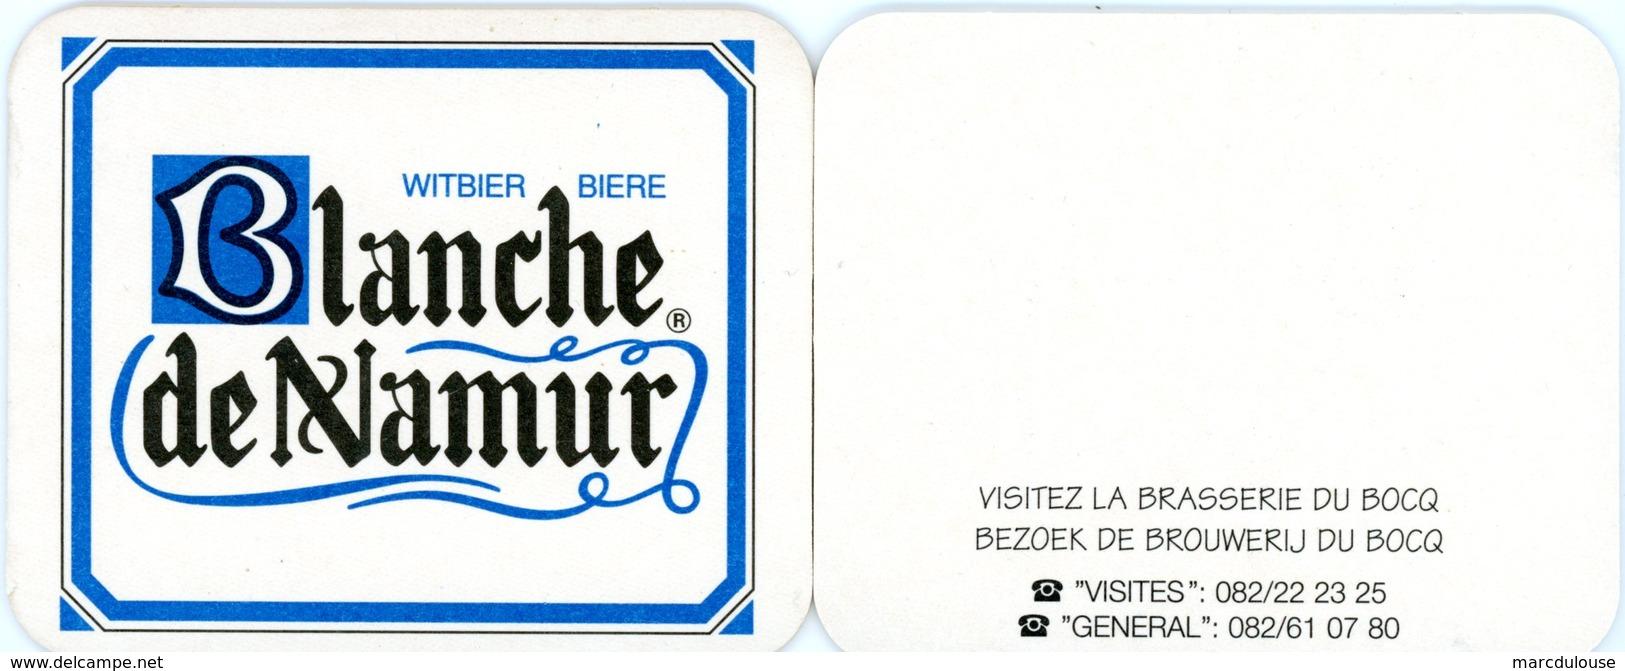 Belgium. Bière Blanche De Namur. Witbier. Visitez La Brasserie Du Bocq. Bezoek De Brouweriij Du Bocq. Belgique. België. - Sous-bocks